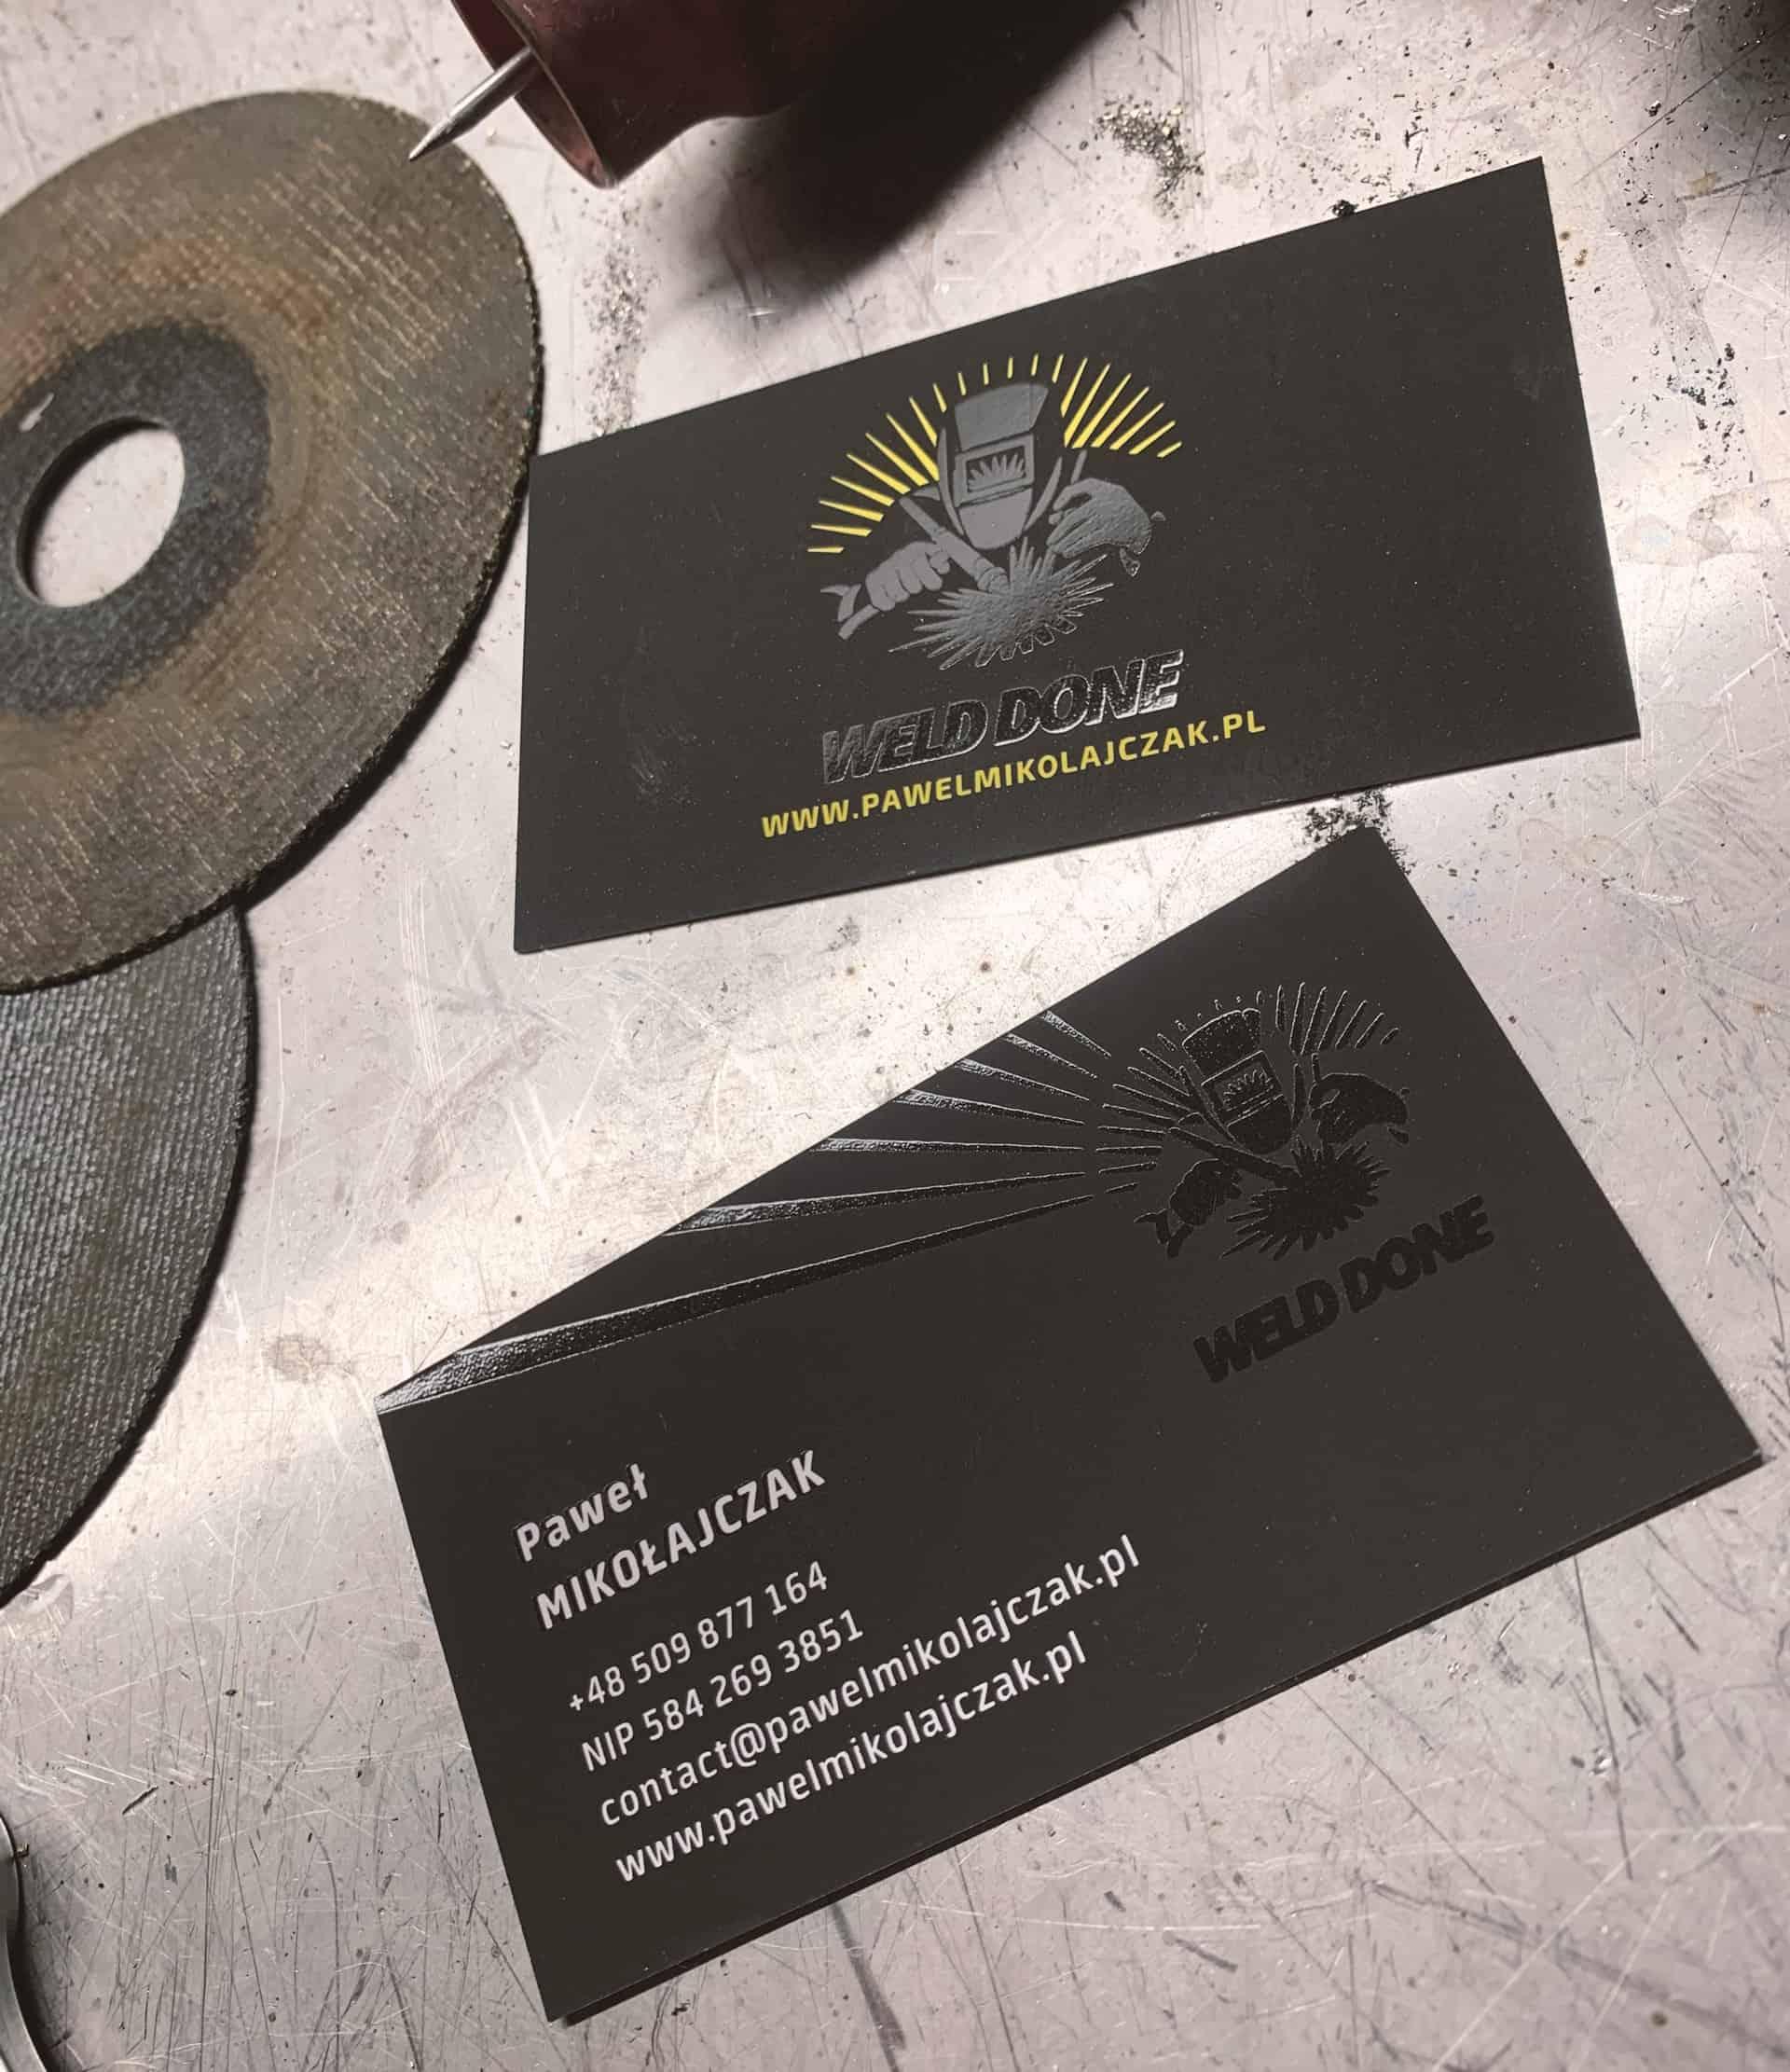 wizytówki firmowe z logo weld done